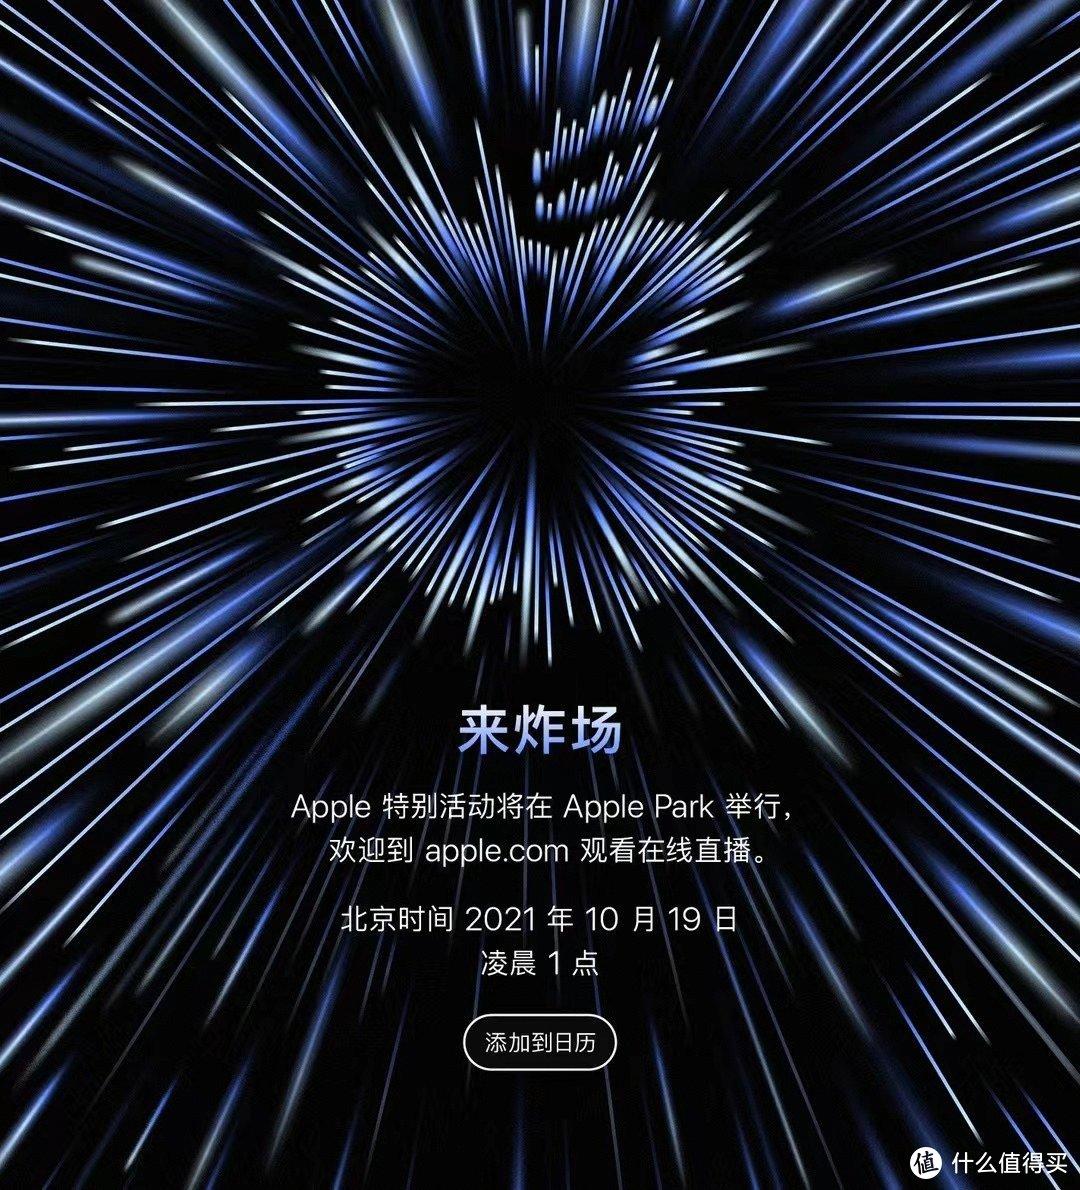 来炸场!苹果下半场发布会将于10月19日举行